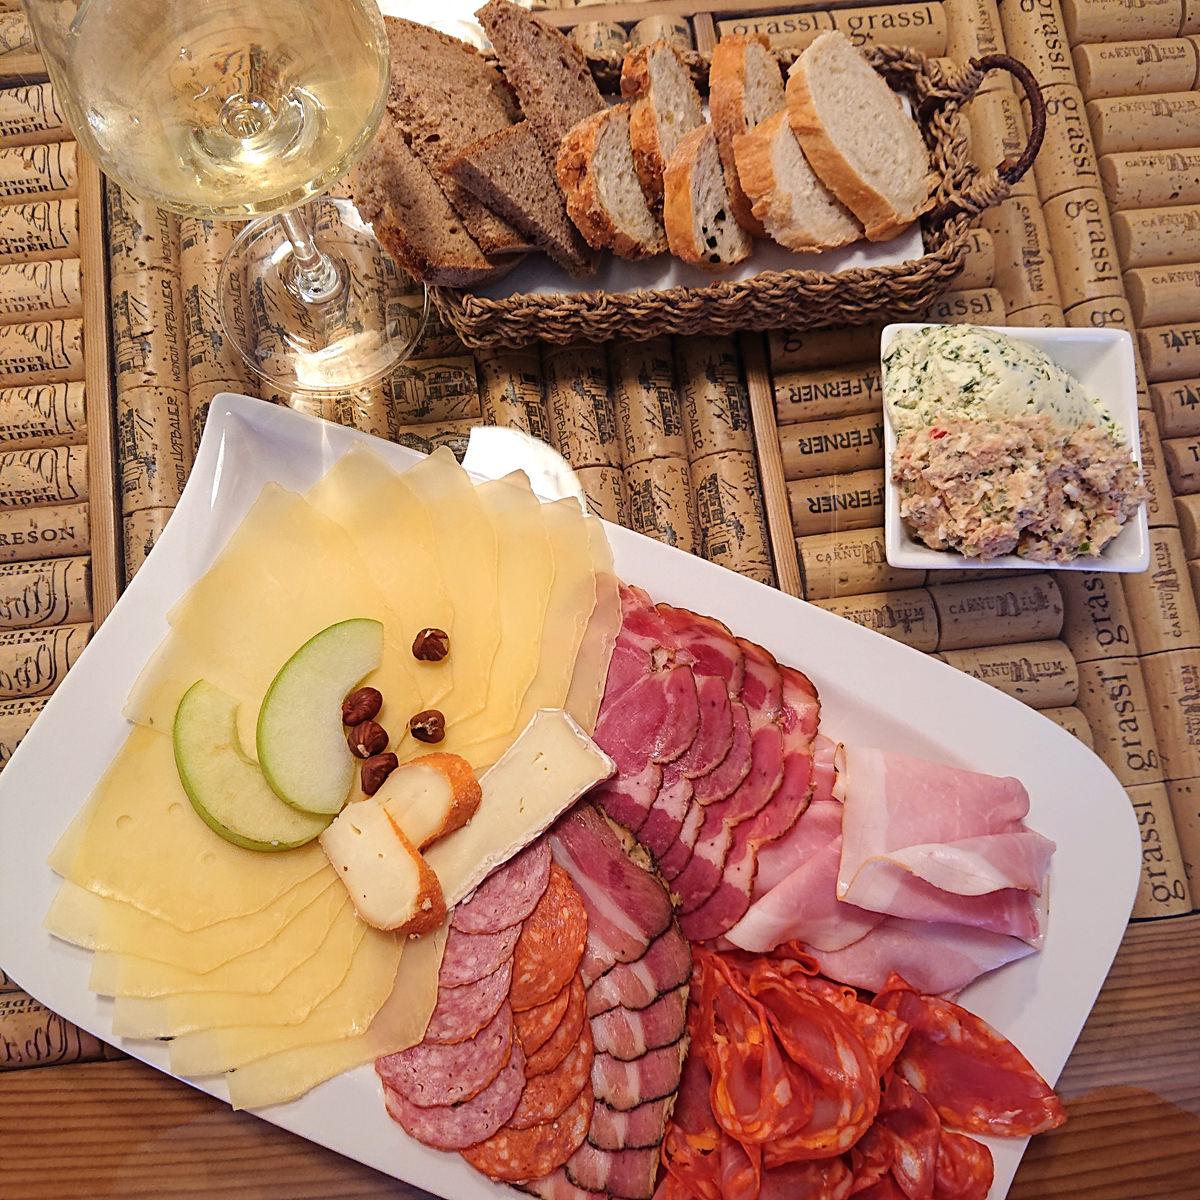 W-Einkehr Vinothek - hier gibt es eine ausgezeichnete Jause - www.wien-erleben.com